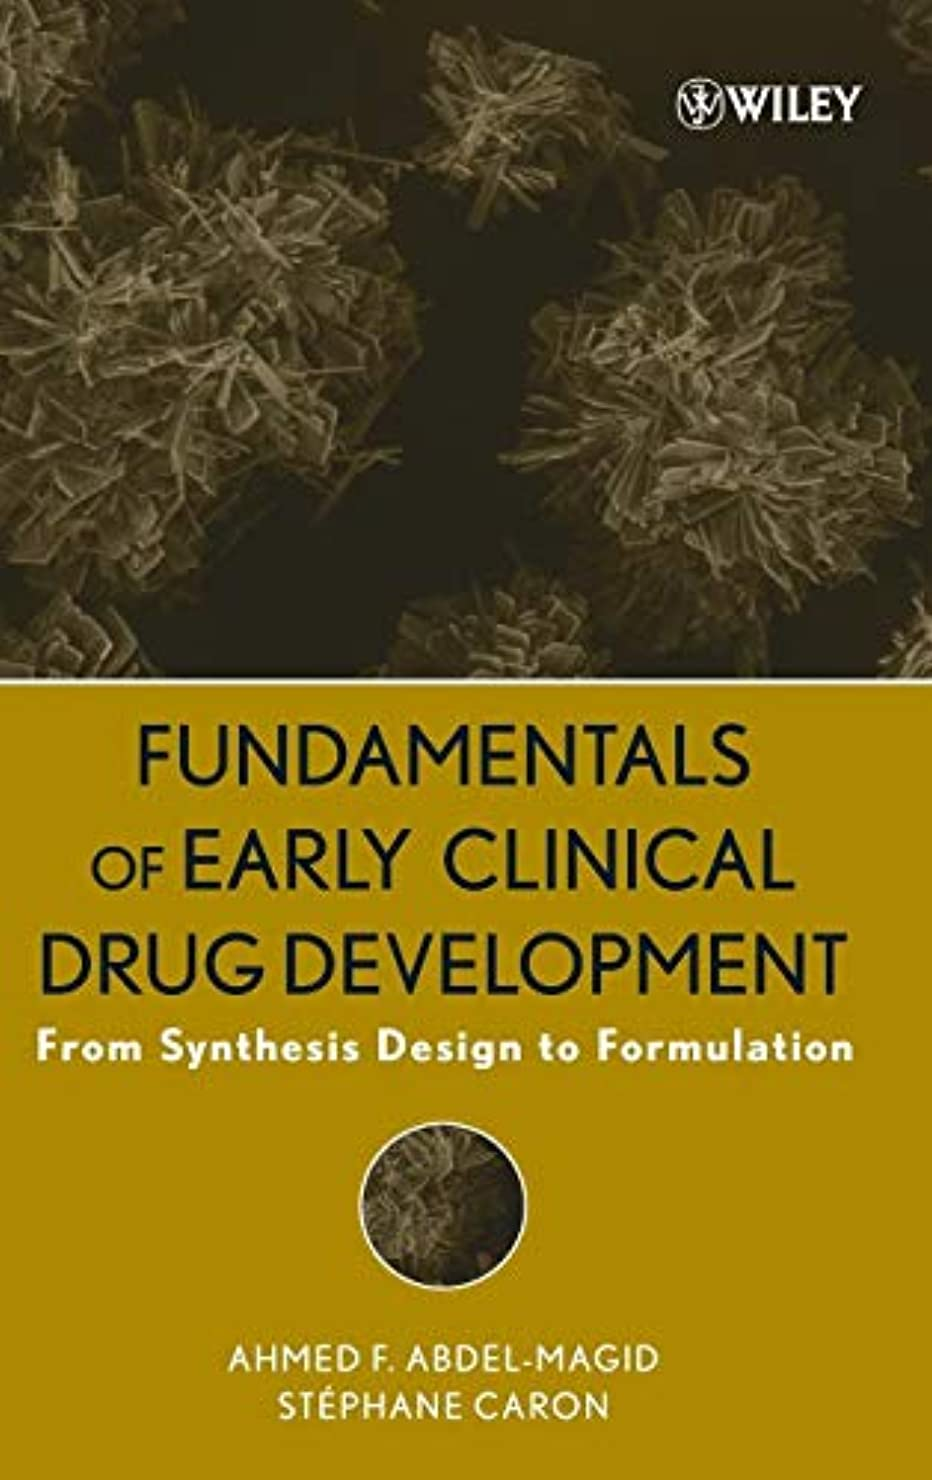 ドールバーゲン残高Fundamentals of Early Clinical Drug Development: From Synthesis Design to Formulation